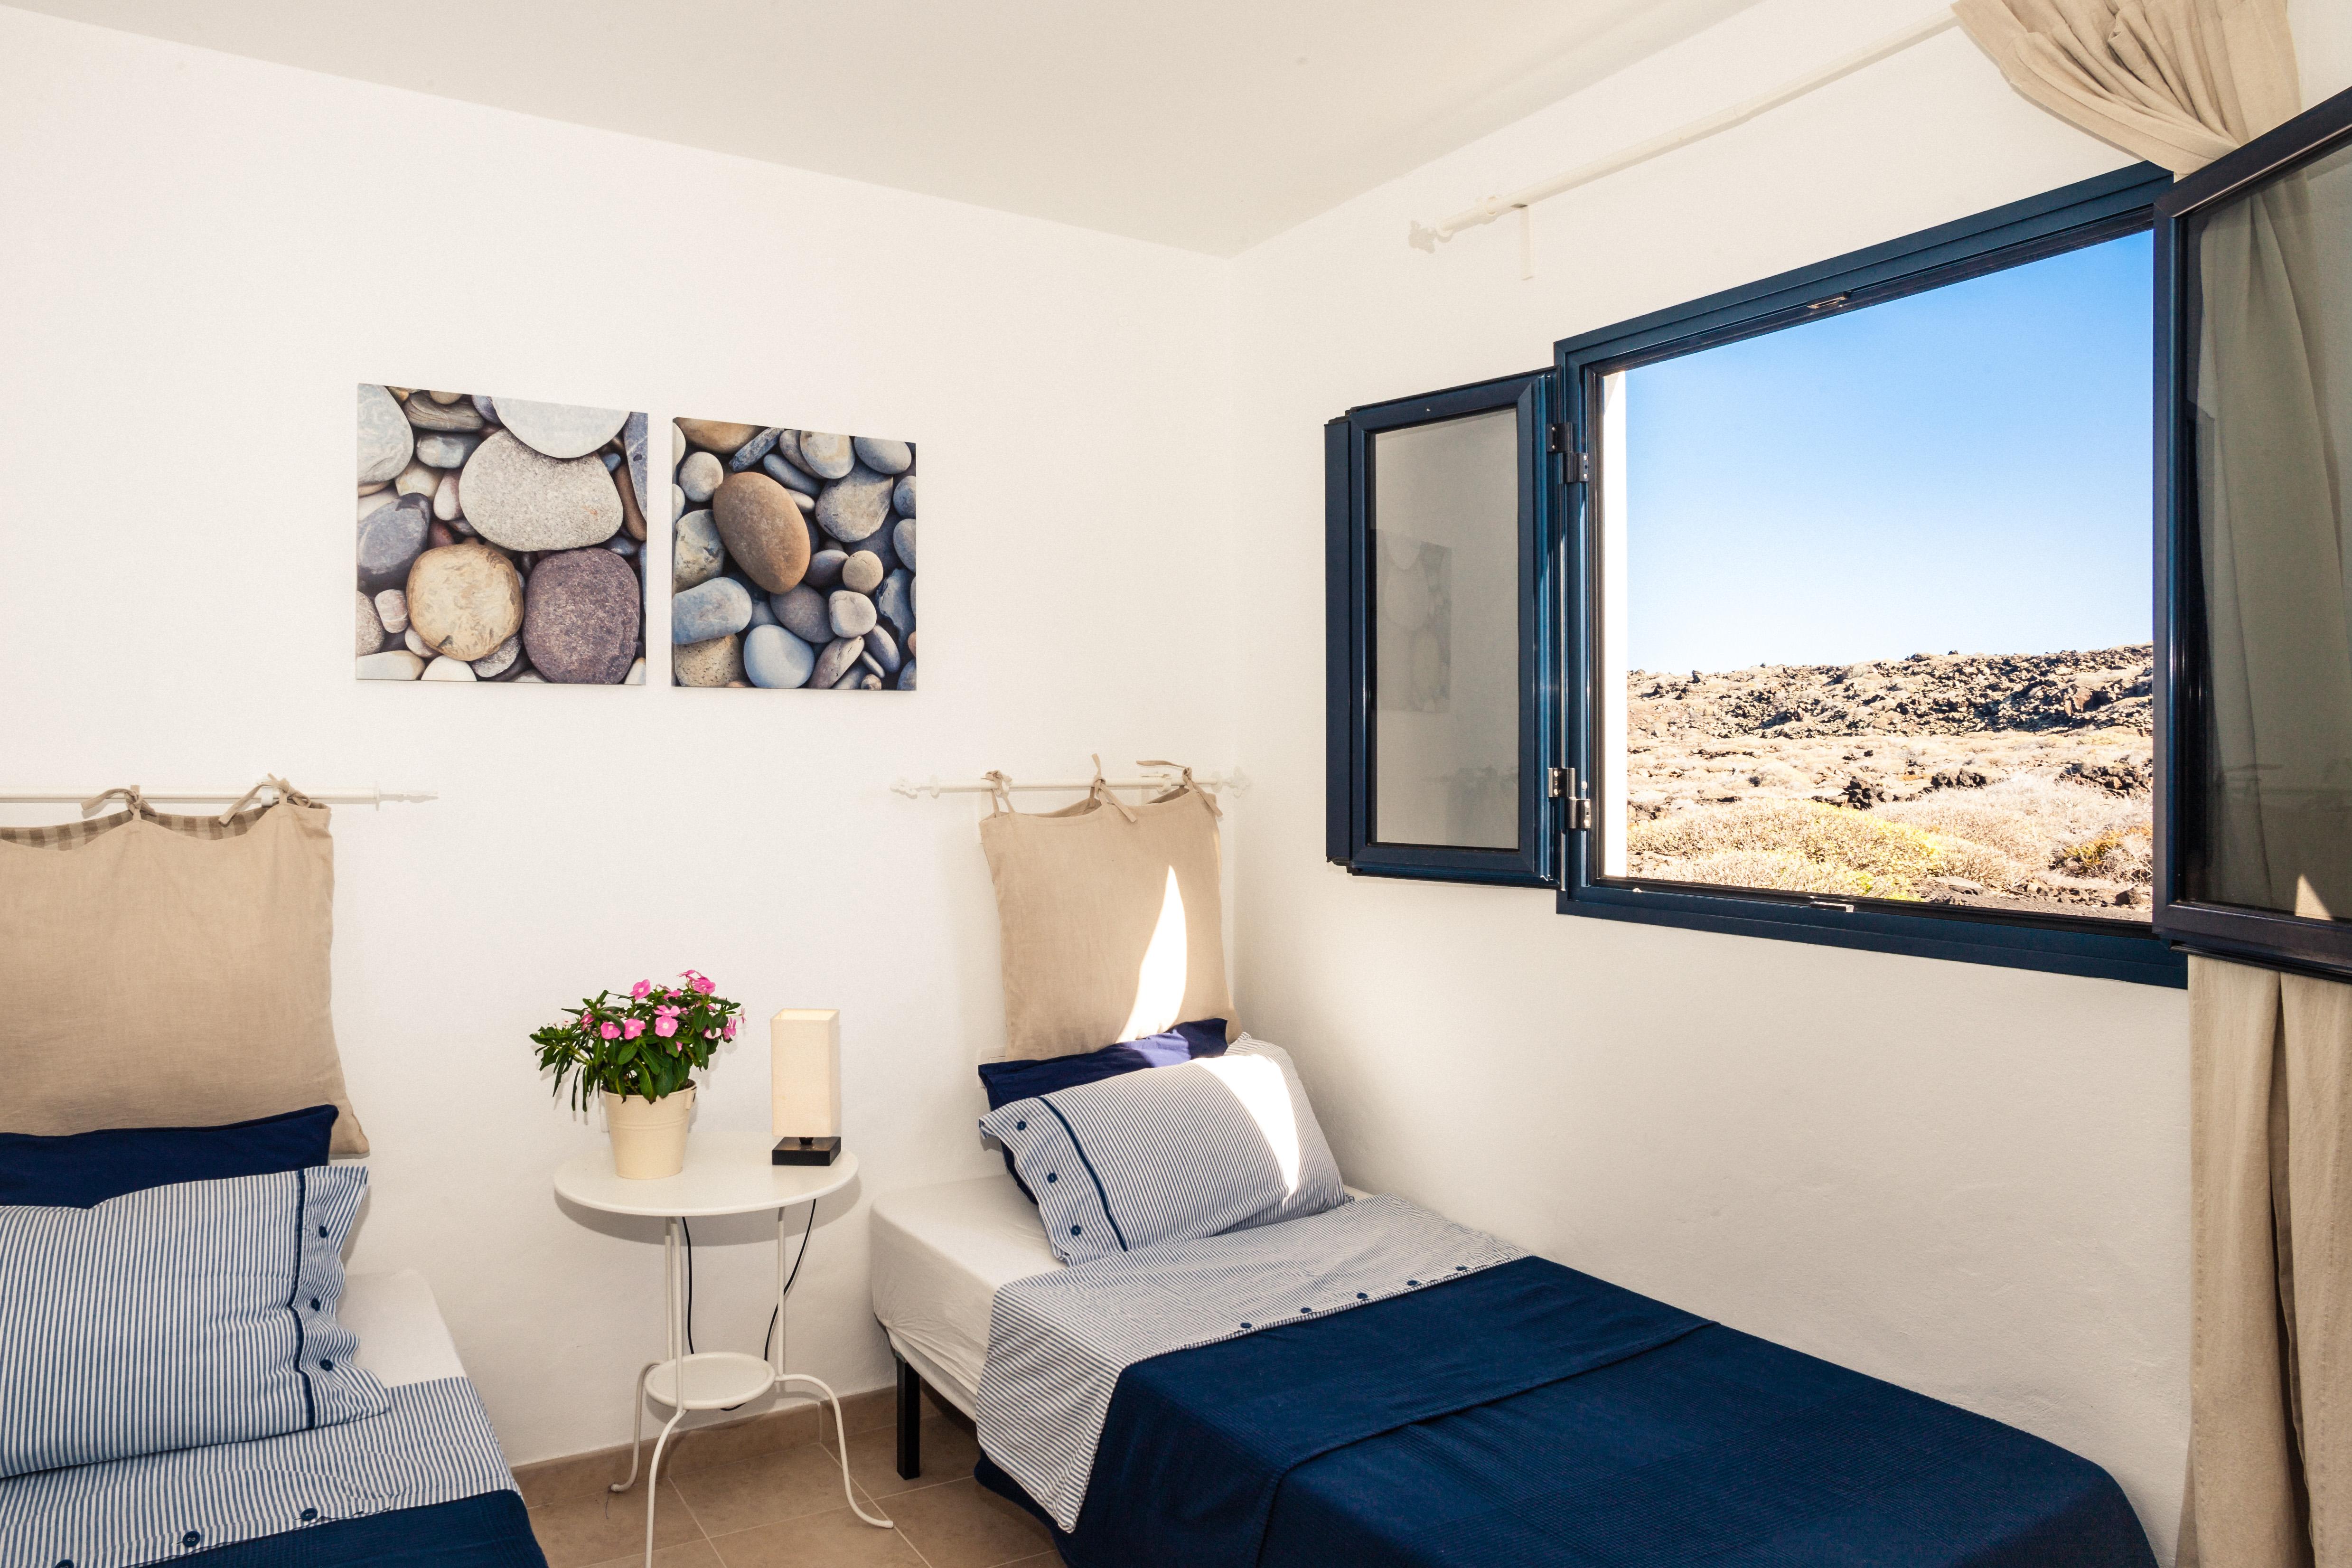 Schlafzimmer im Erdgeschoss | FERIENHÄUSER, FERIENWOHNUNGEN AUF ...